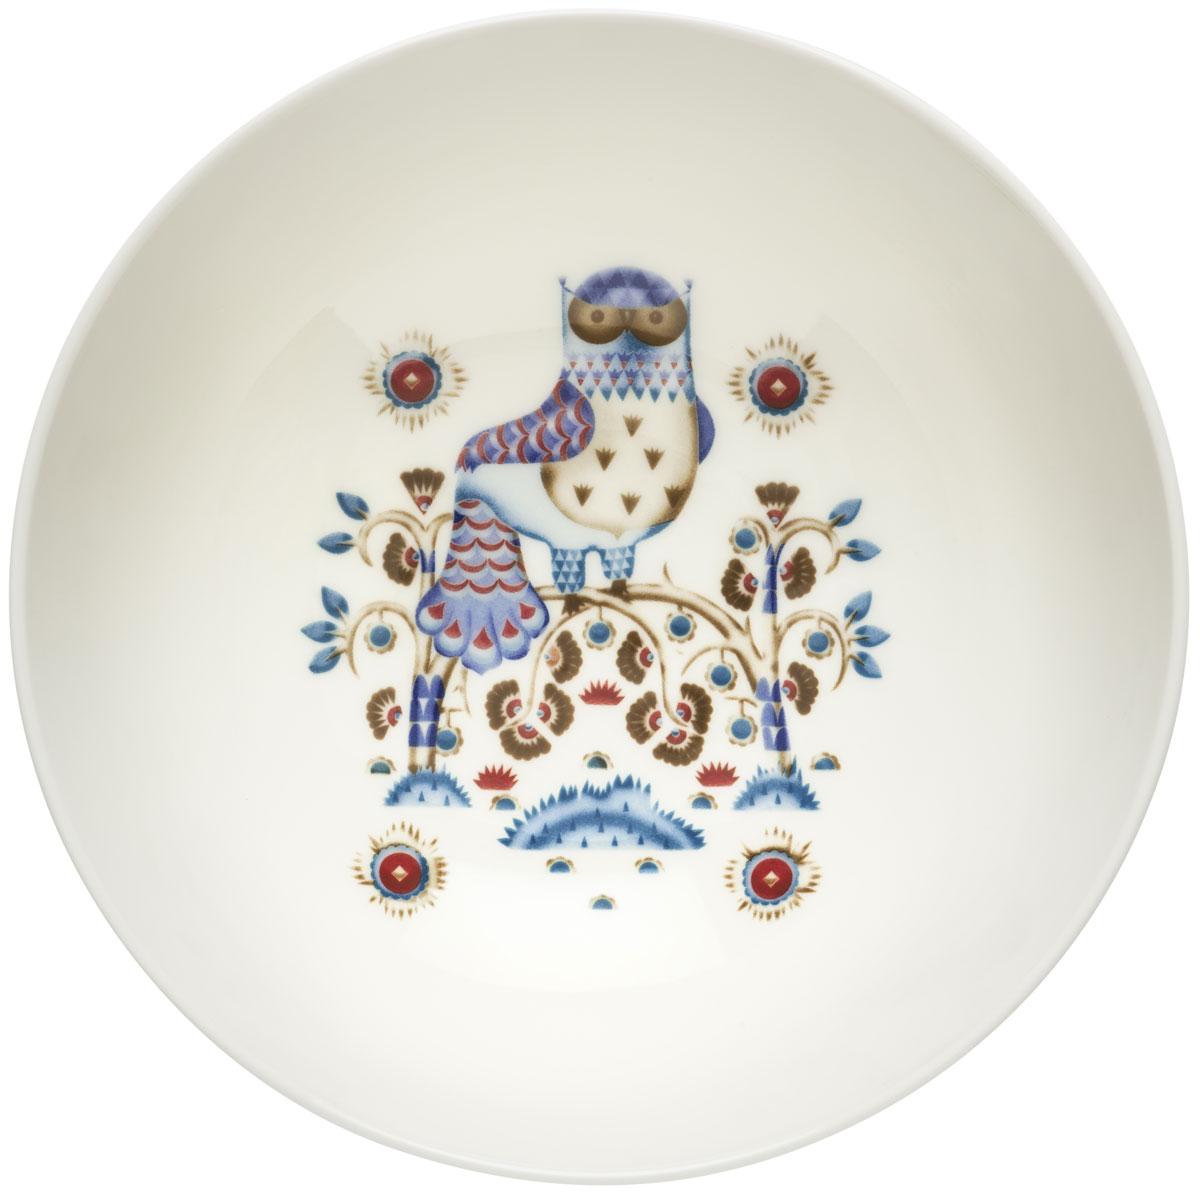 Чаша Iittala Taika, 1,45 л1011657Чаша Iittala Taika выполнена из качественного жароустойчивого прочного фарфора. Чаша имеетстильный дизайн, поэтому сможет украсить любую кухню.